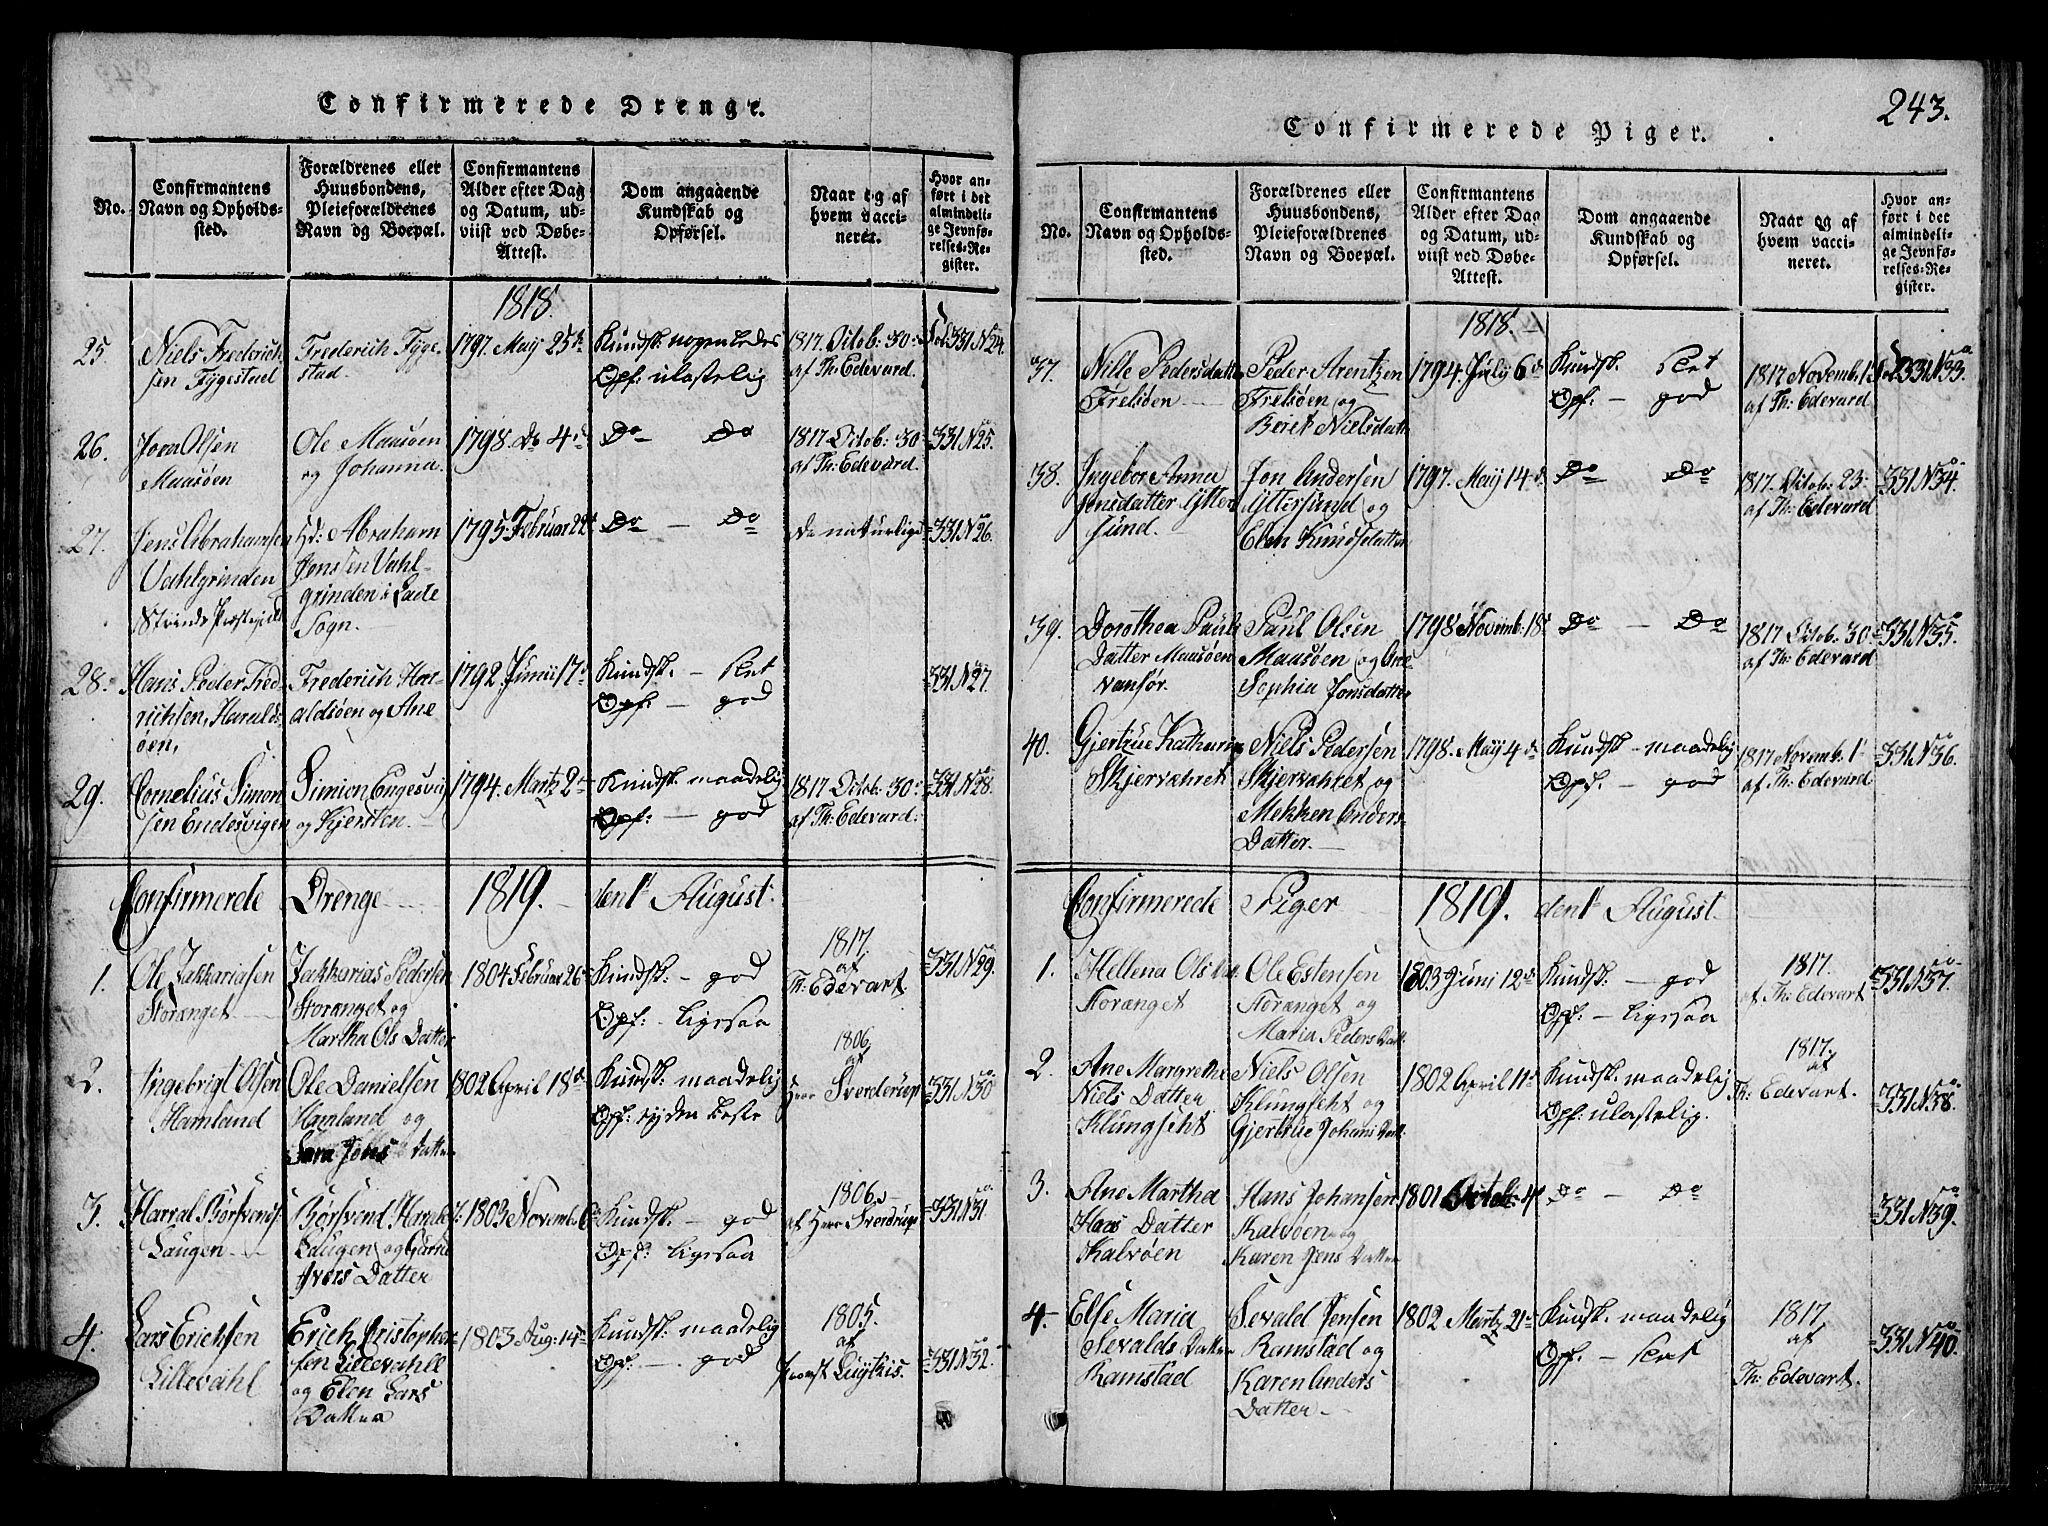 SAT, Ministerialprotokoller, klokkerbøker og fødselsregistre - Nord-Trøndelag, 784/L0667: Ministerialbok nr. 784A03 /1, 1816-1829, s. 243